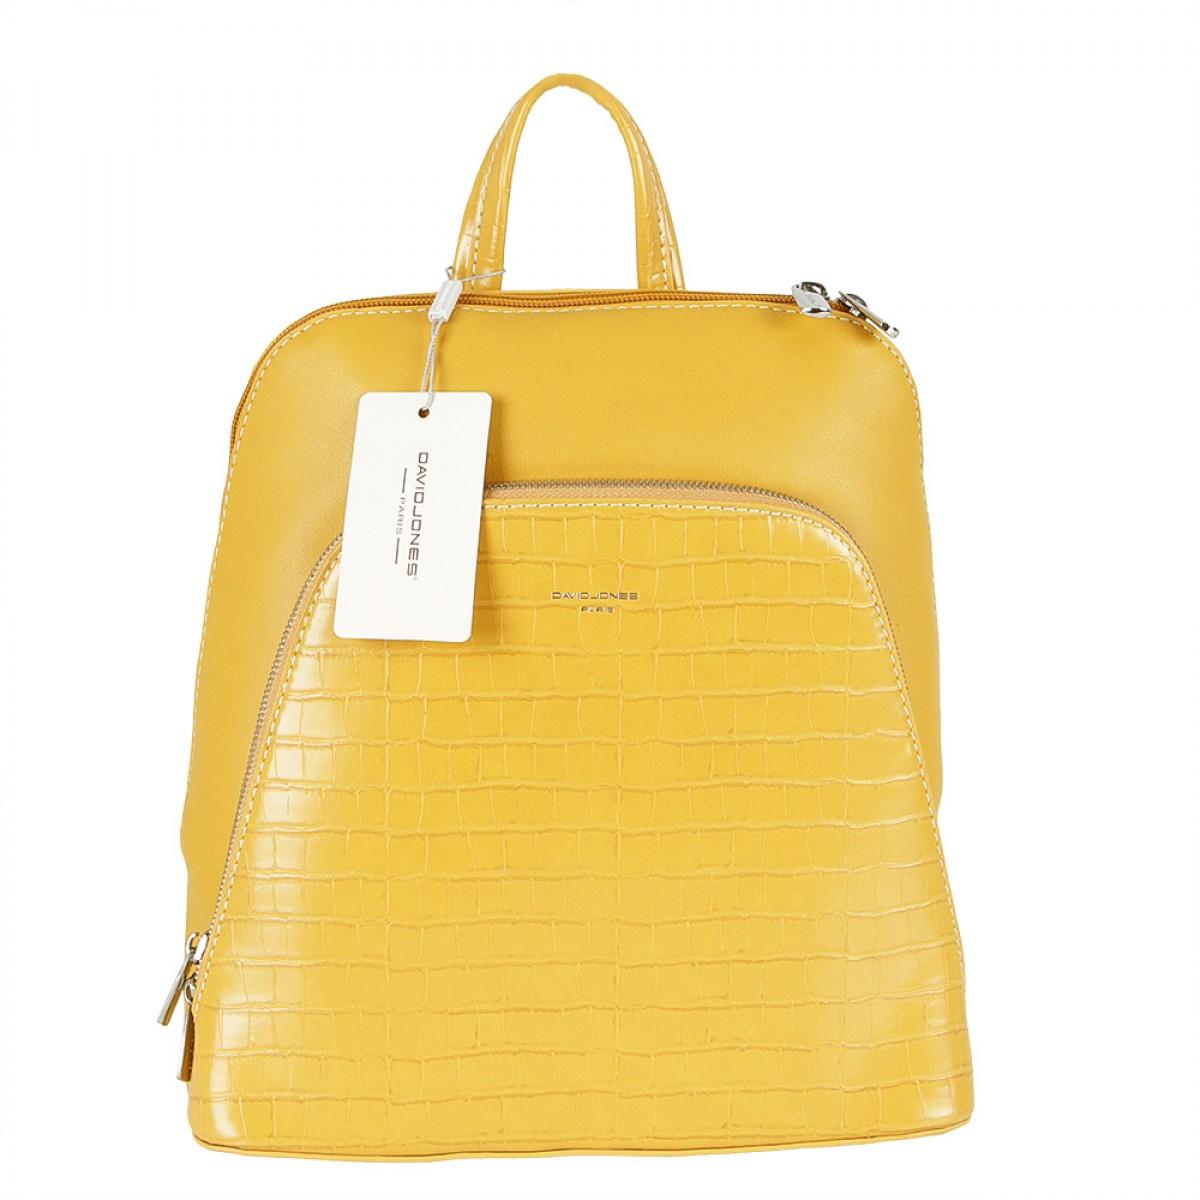 Жіночий рюкзак David Jones CM5615 YELLOW